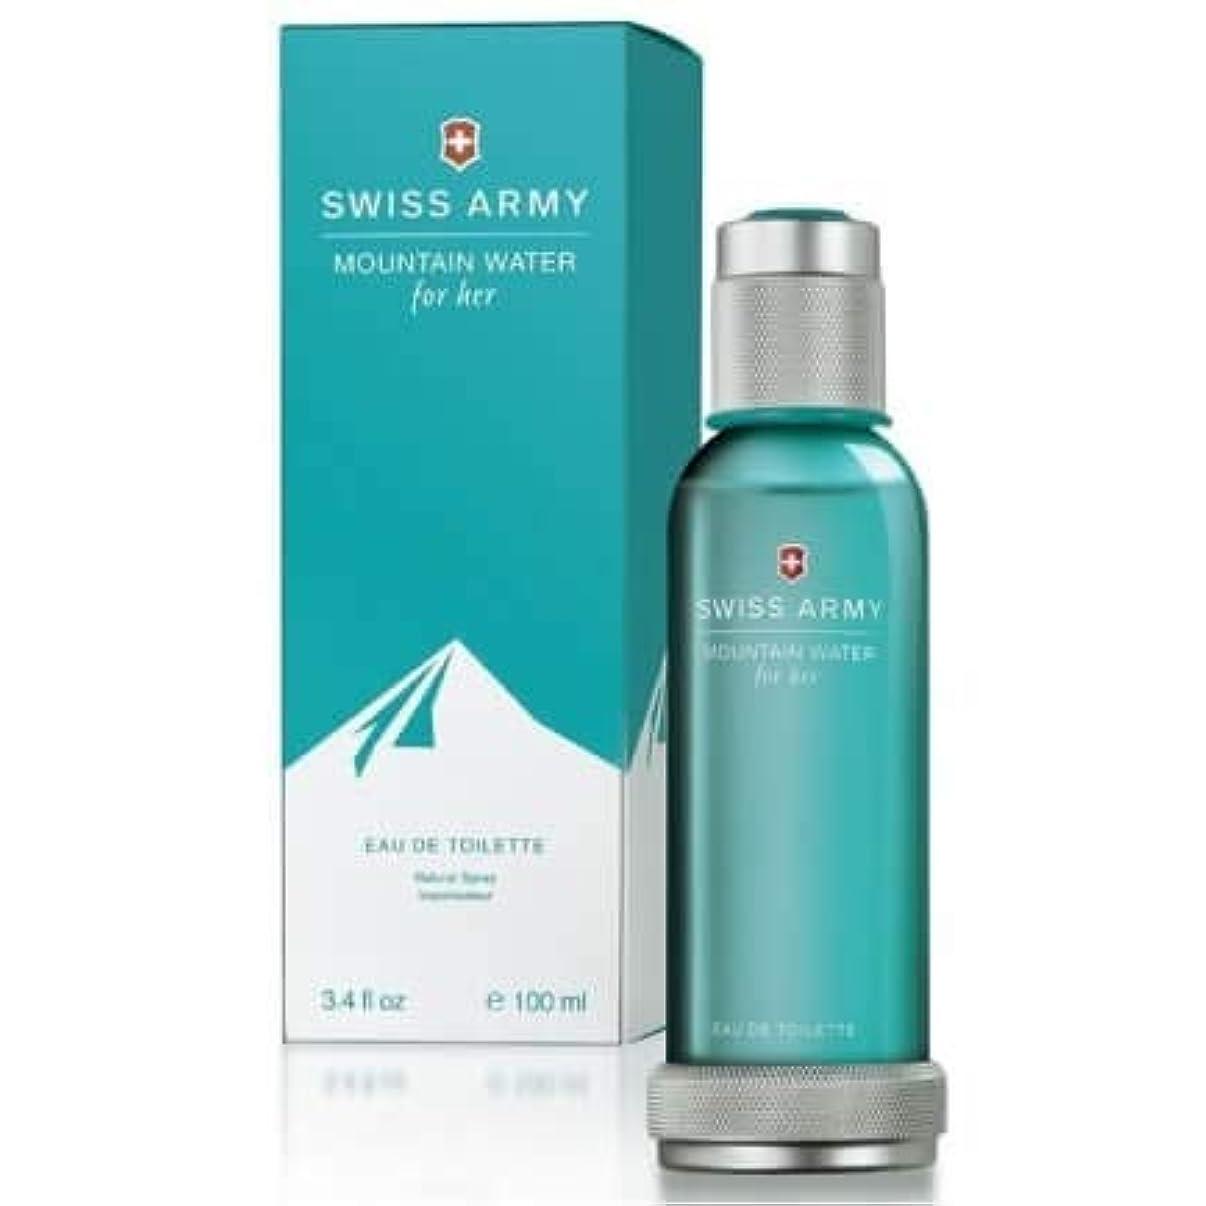 市の中心部硫黄当社スイス アーミー マウンテン ウォーター フォー ハー オードトワレ 100ml(Swiss Army Mountain Water for her EDT 100ml)) [並行輸入品]